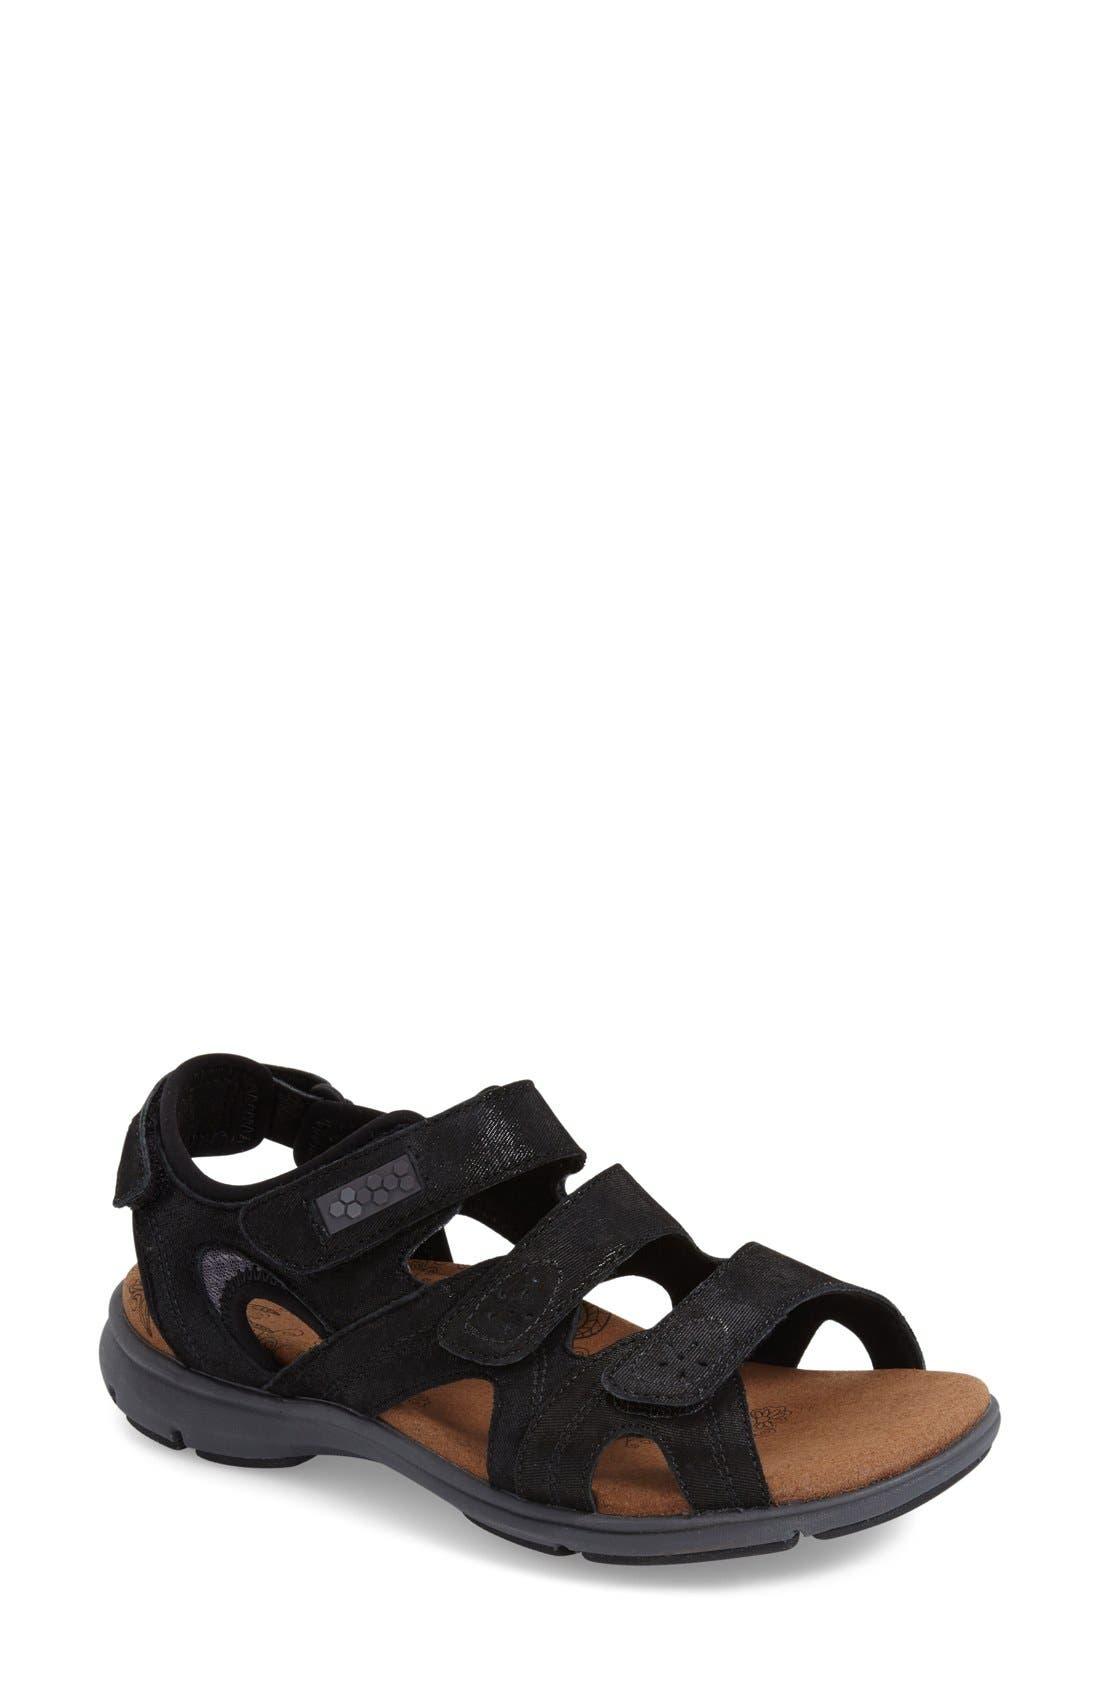 ARAVON 'REVsoleil' Sandal